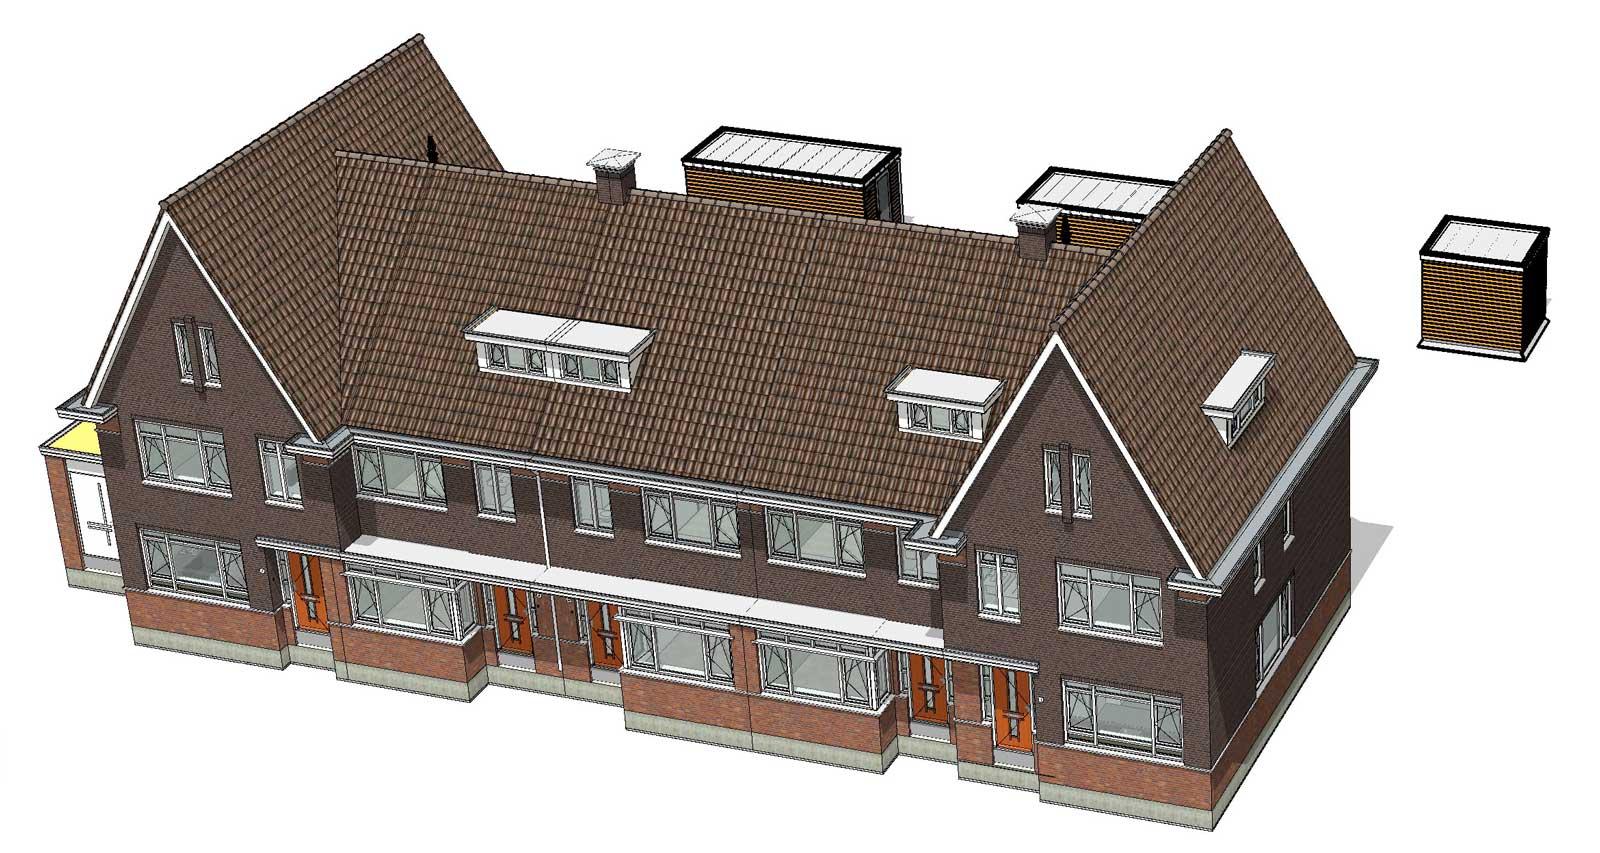 isometrie BIM model blok 4 - De Jonge Veenen Moerkapelle